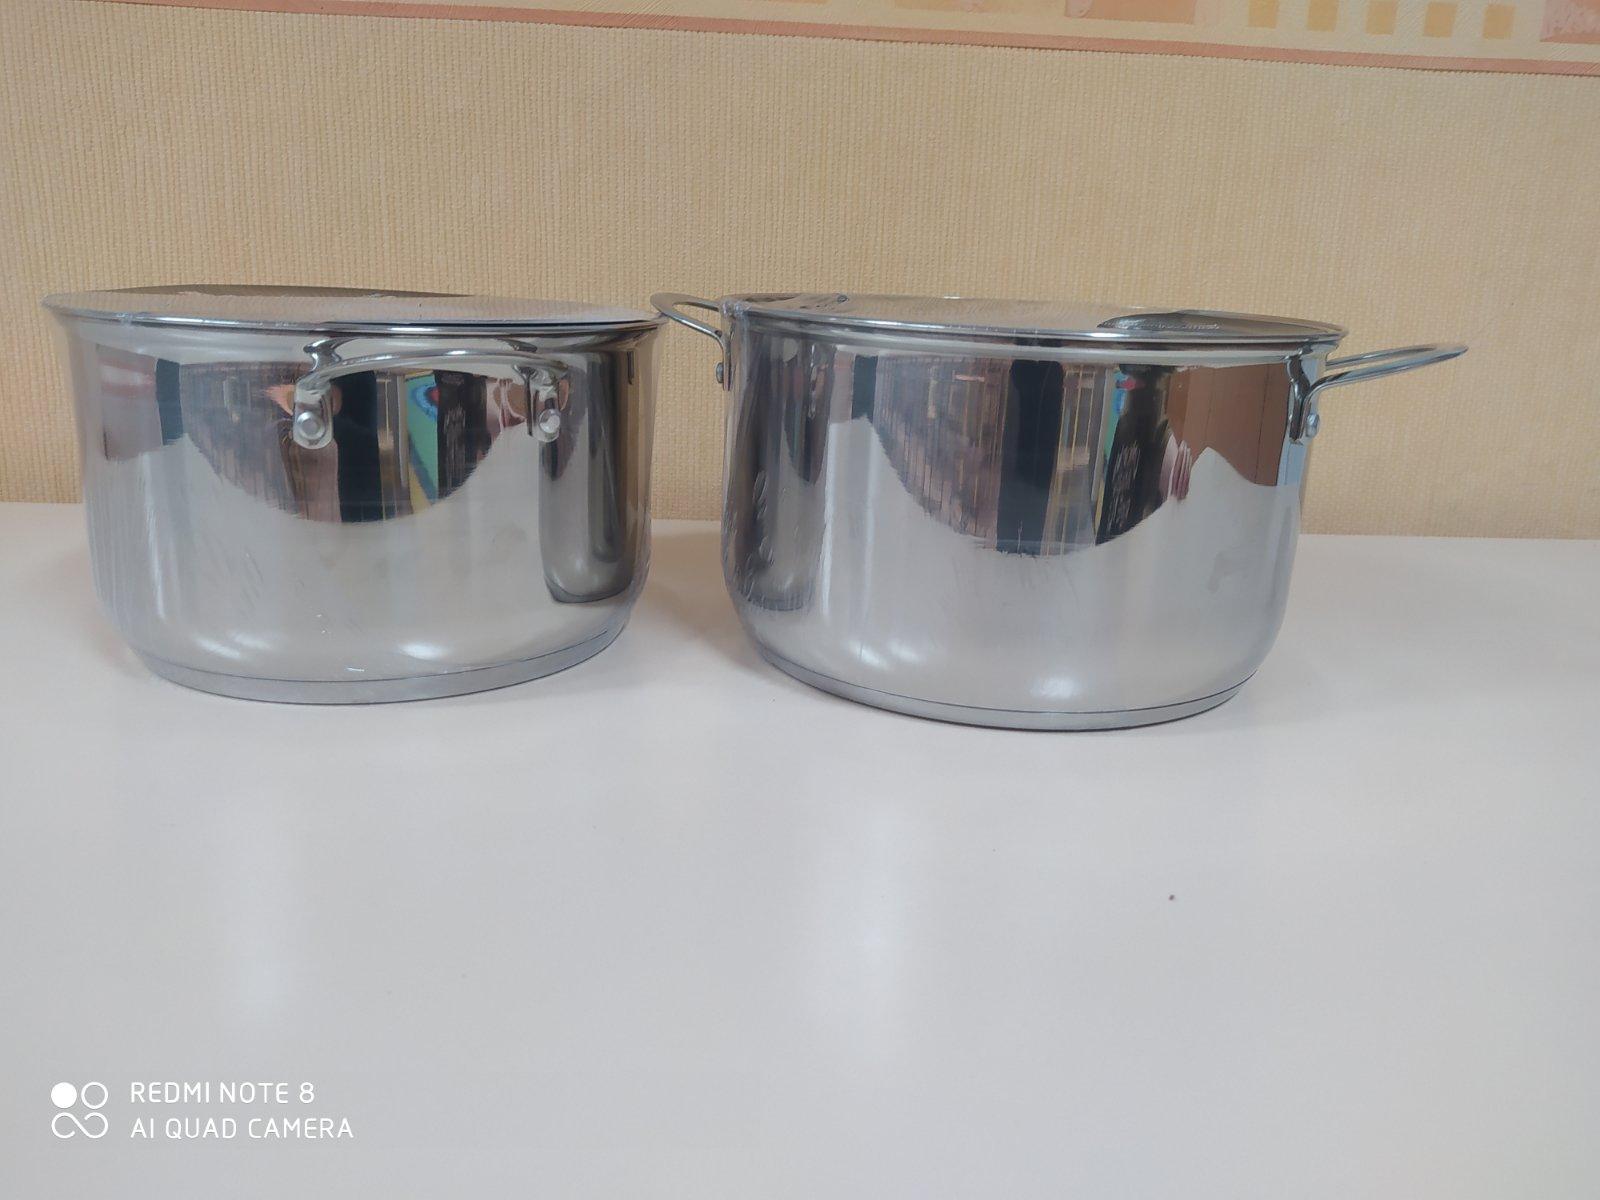 DETS s. Buiucani доставили качественные, новые кастрюли объёмом 6литров и 7,6 литров. Данные кастрюли были розданы в группы для приятного пользования!